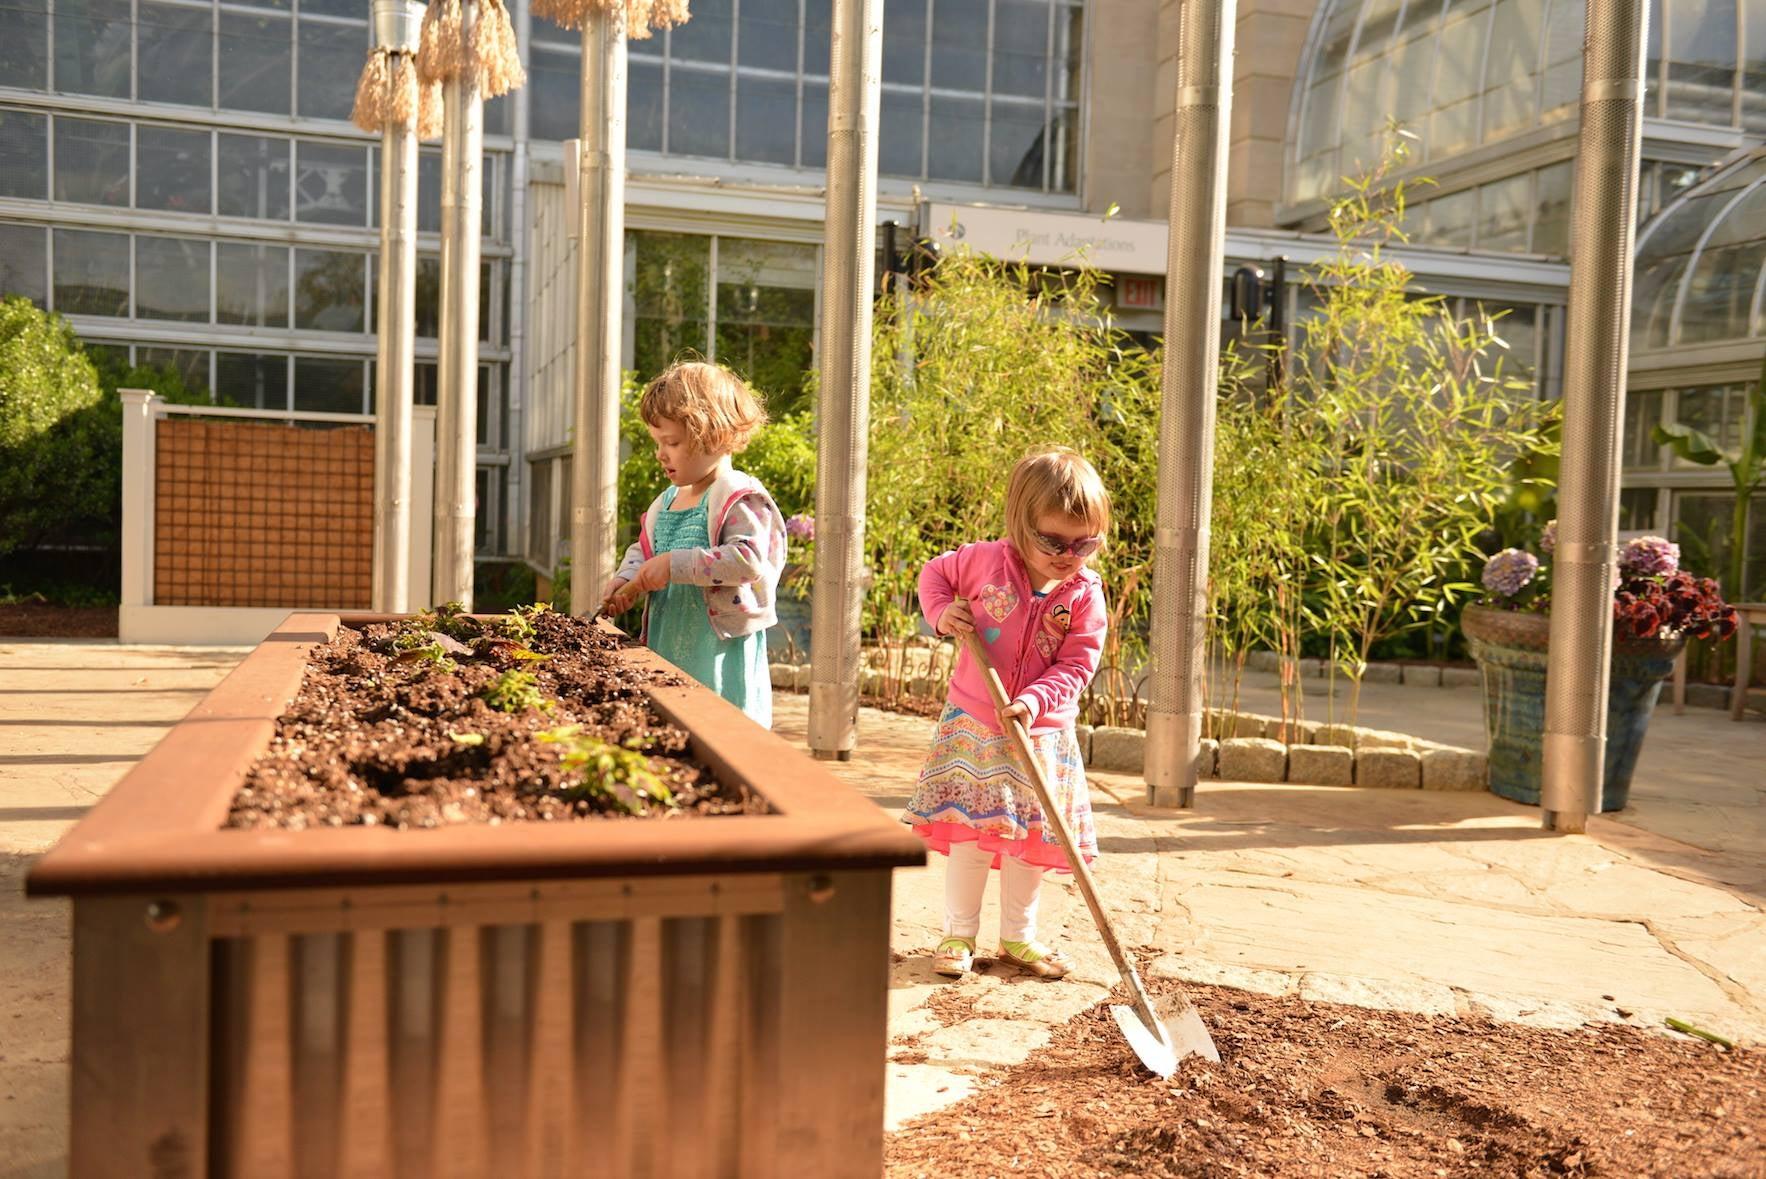 USBG Children's Garden